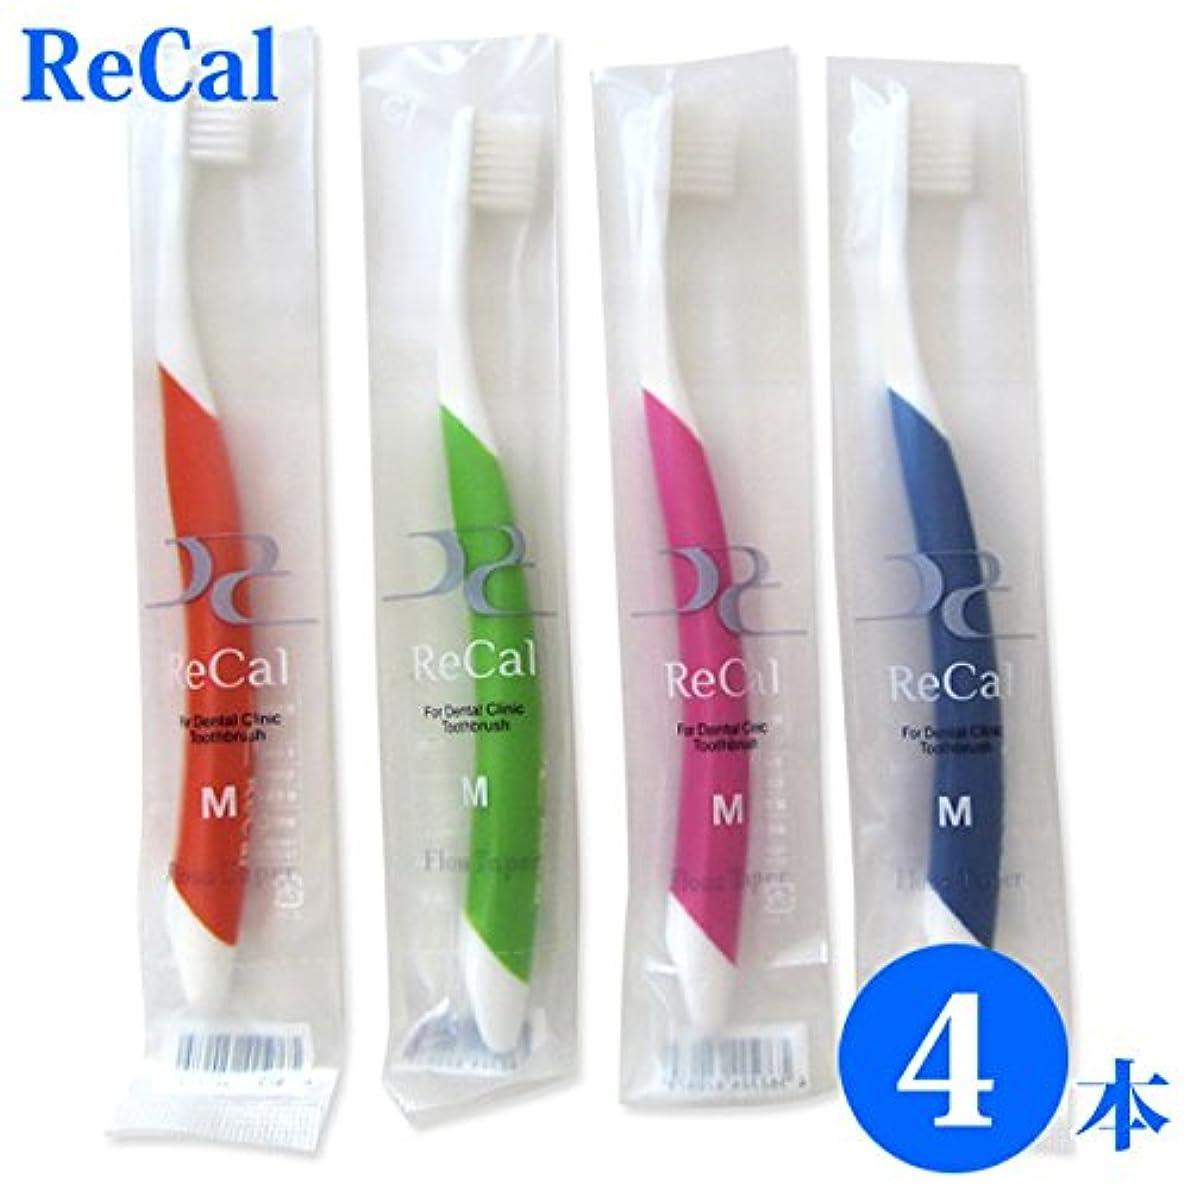 不器用を必要としています池リカル 4色セット 歯科医院専用商品 ReCal リカル M 大人用 一般 歯ブラシ4本 場合20本ま